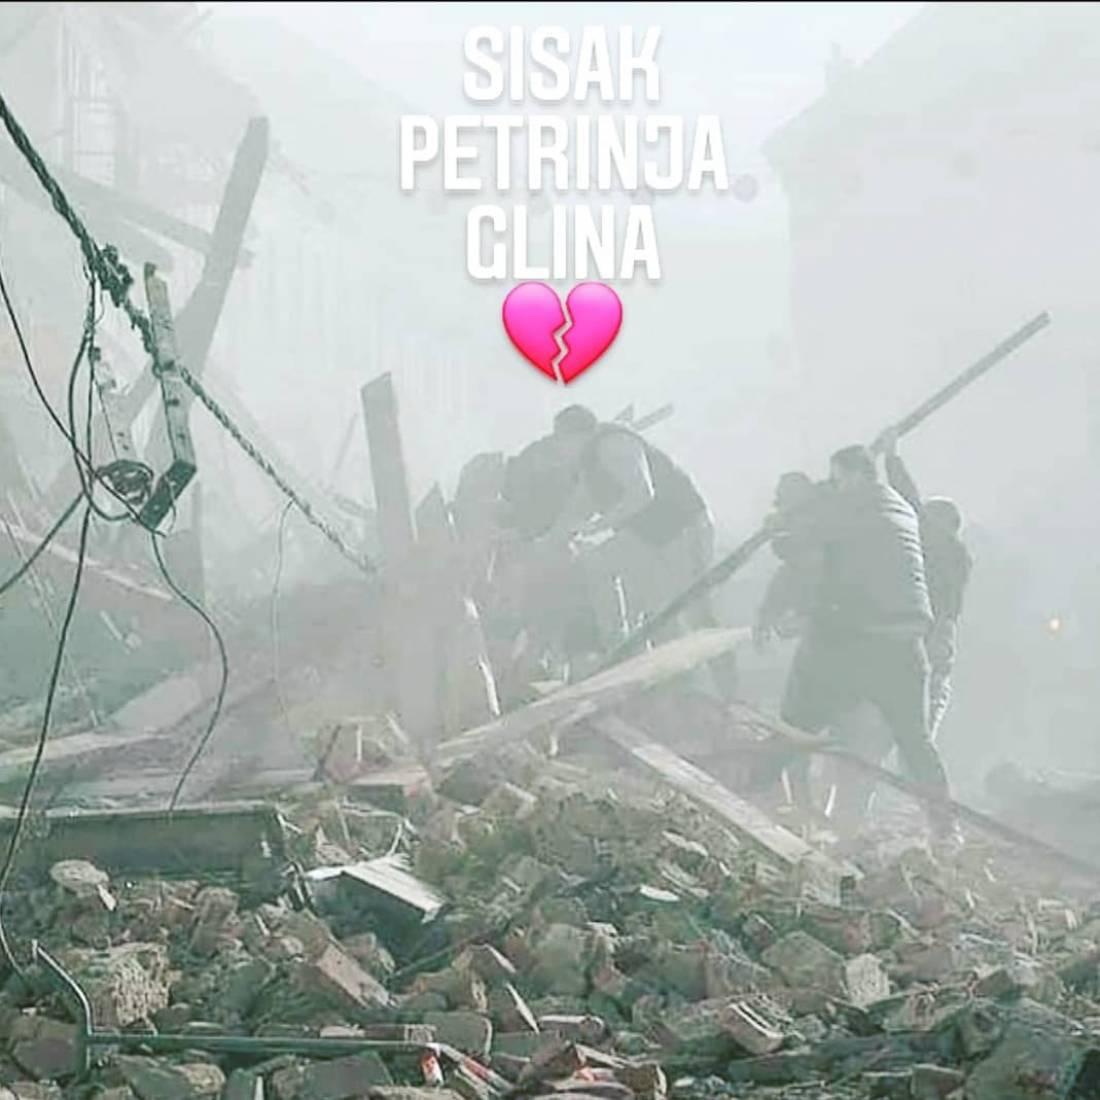 Potres Petrinja, Sisak, Glina - Novosti - LiveCamCroatia, Istraži Hrvatsku